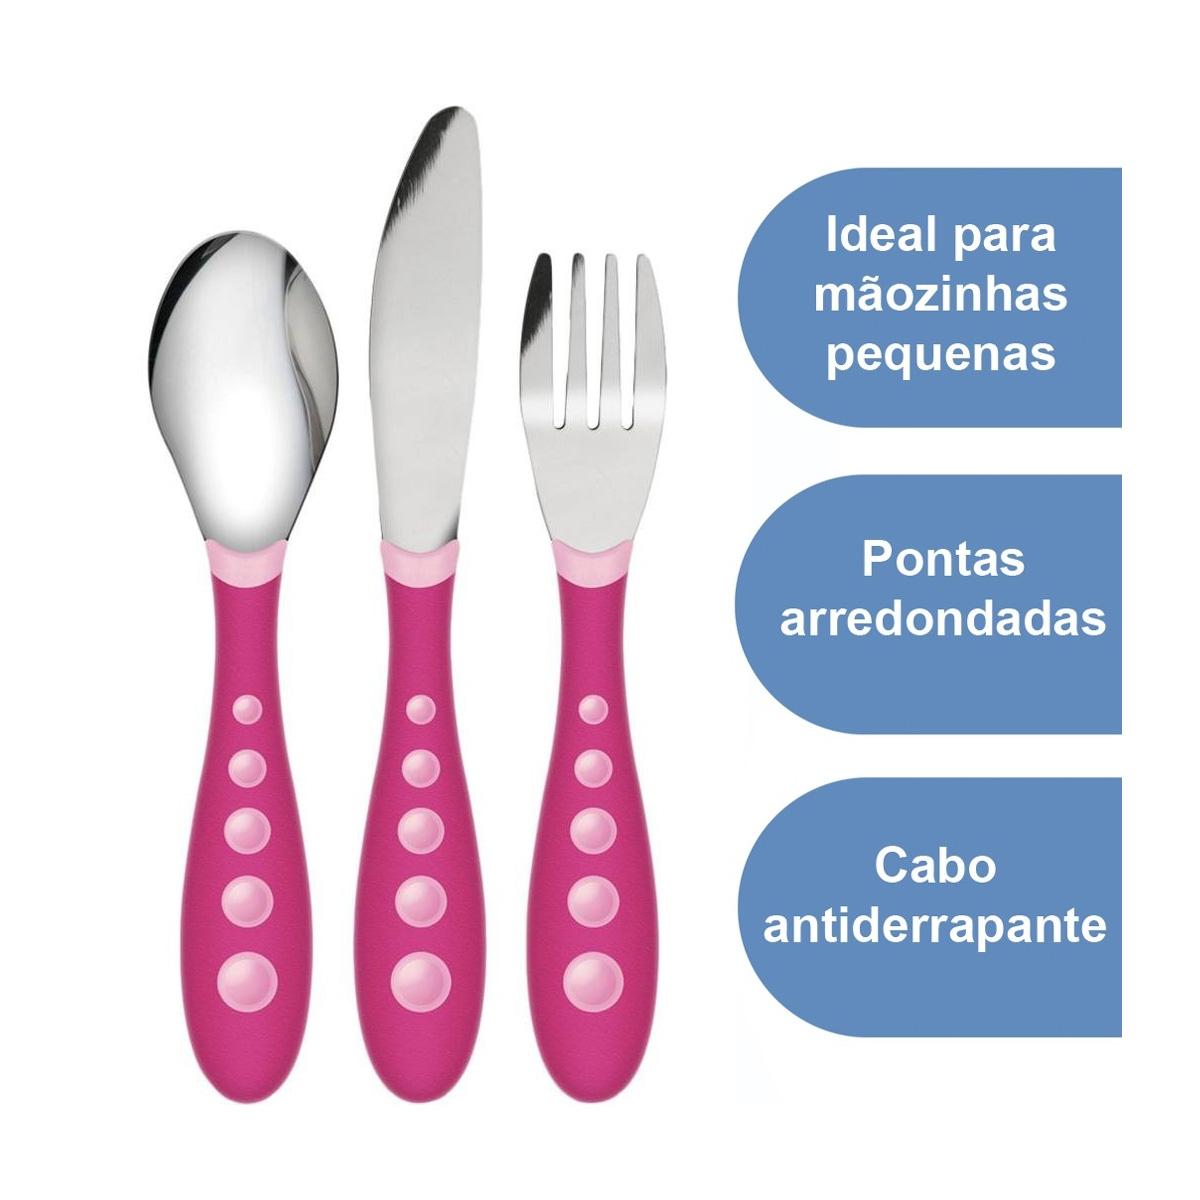 Kit Talheres Inox Bebe Nuk 18+ Meses Rosa Antiderrapante